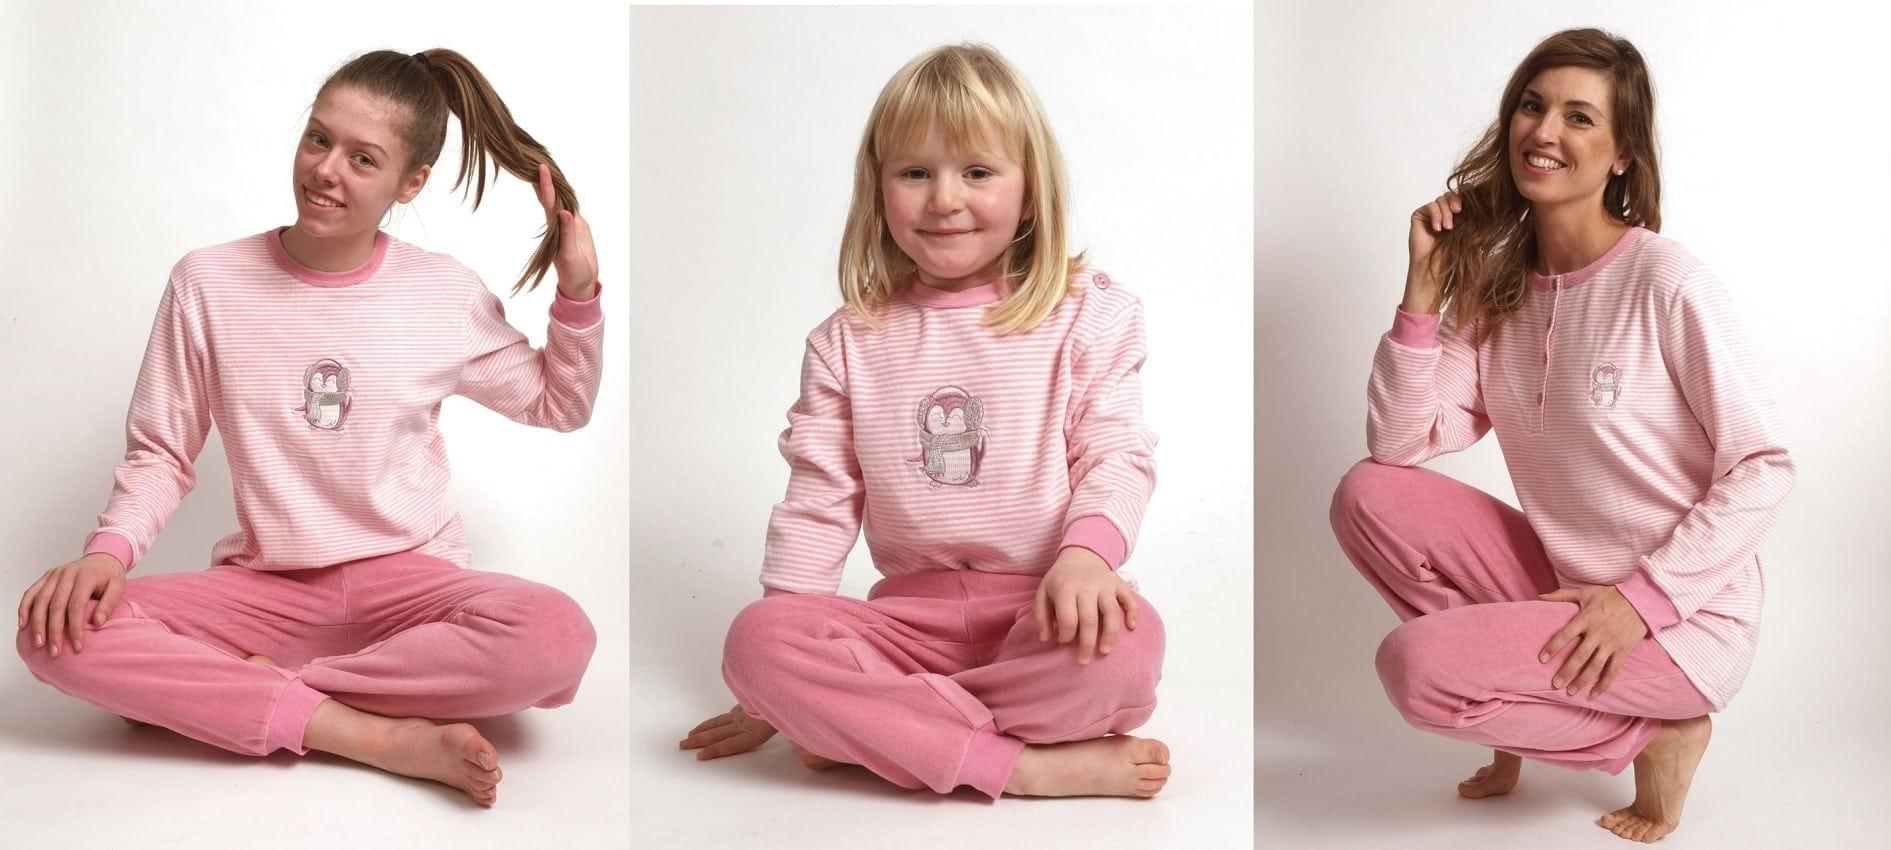 Moeder en dochter in dezelfde pyjama